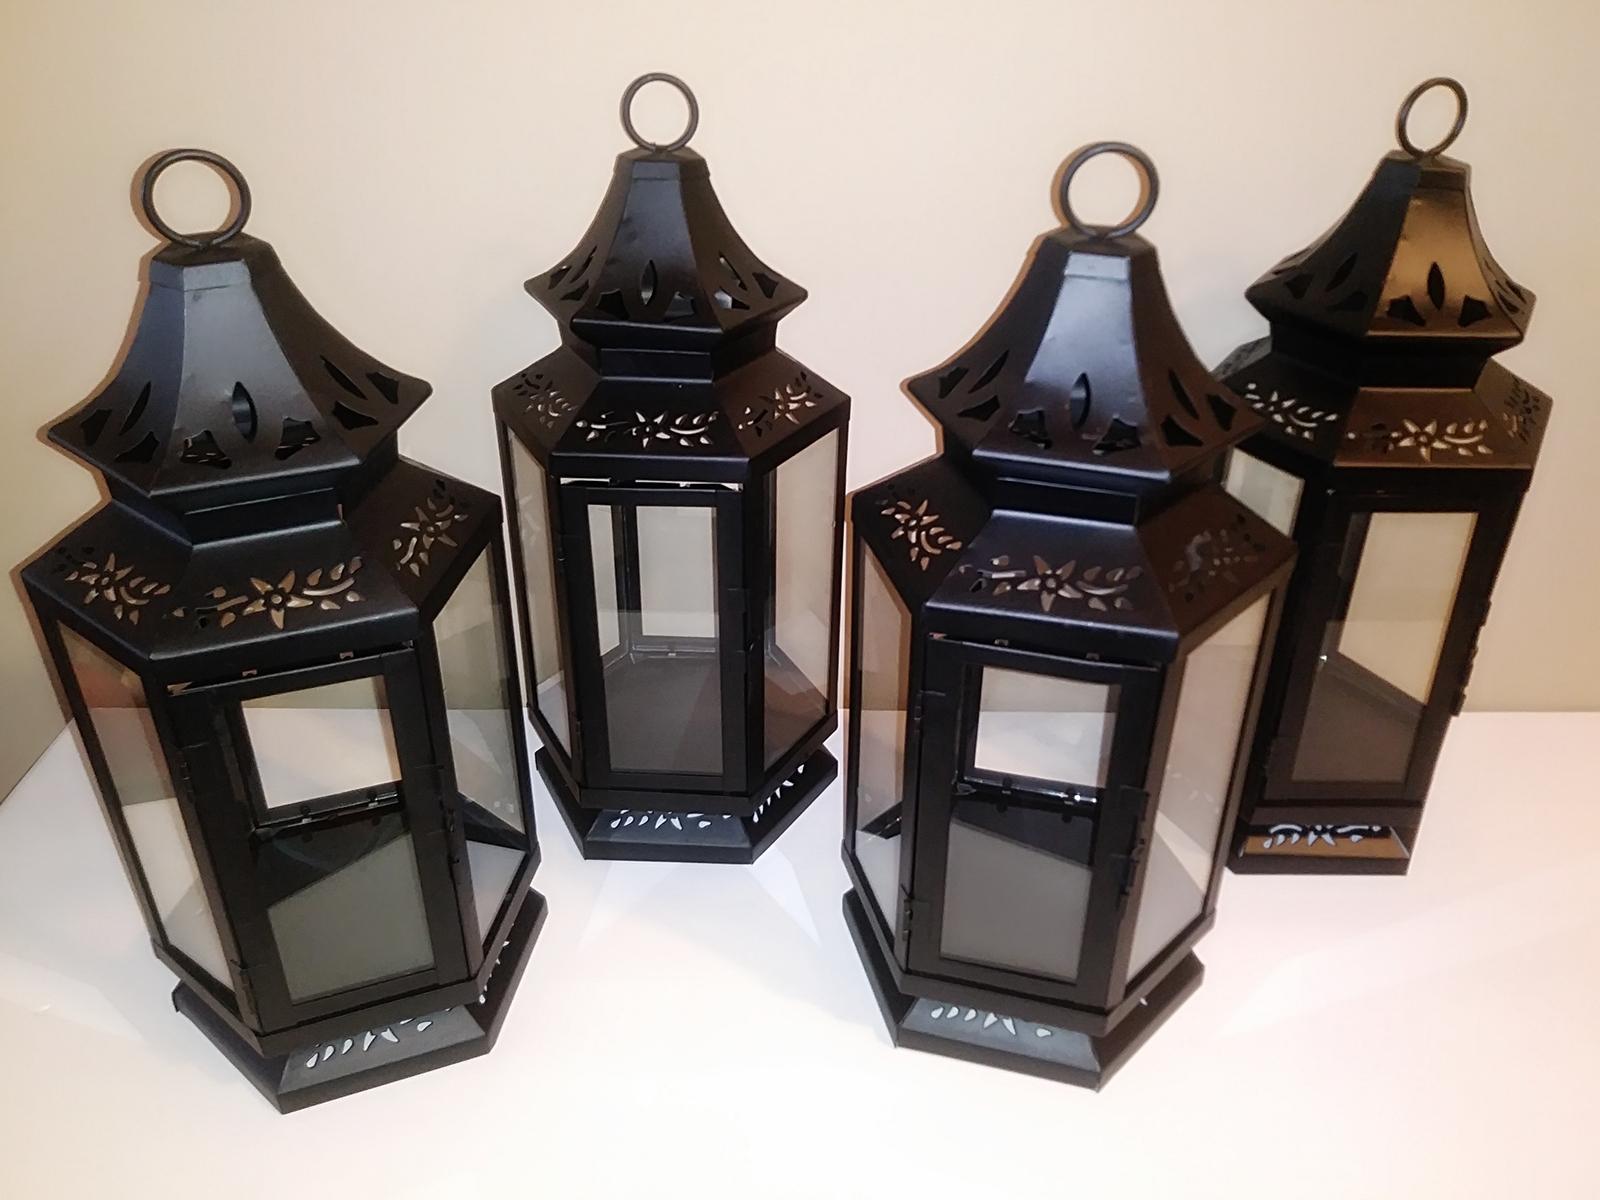 Set of 4 Lg Black Lanterns - $35.00